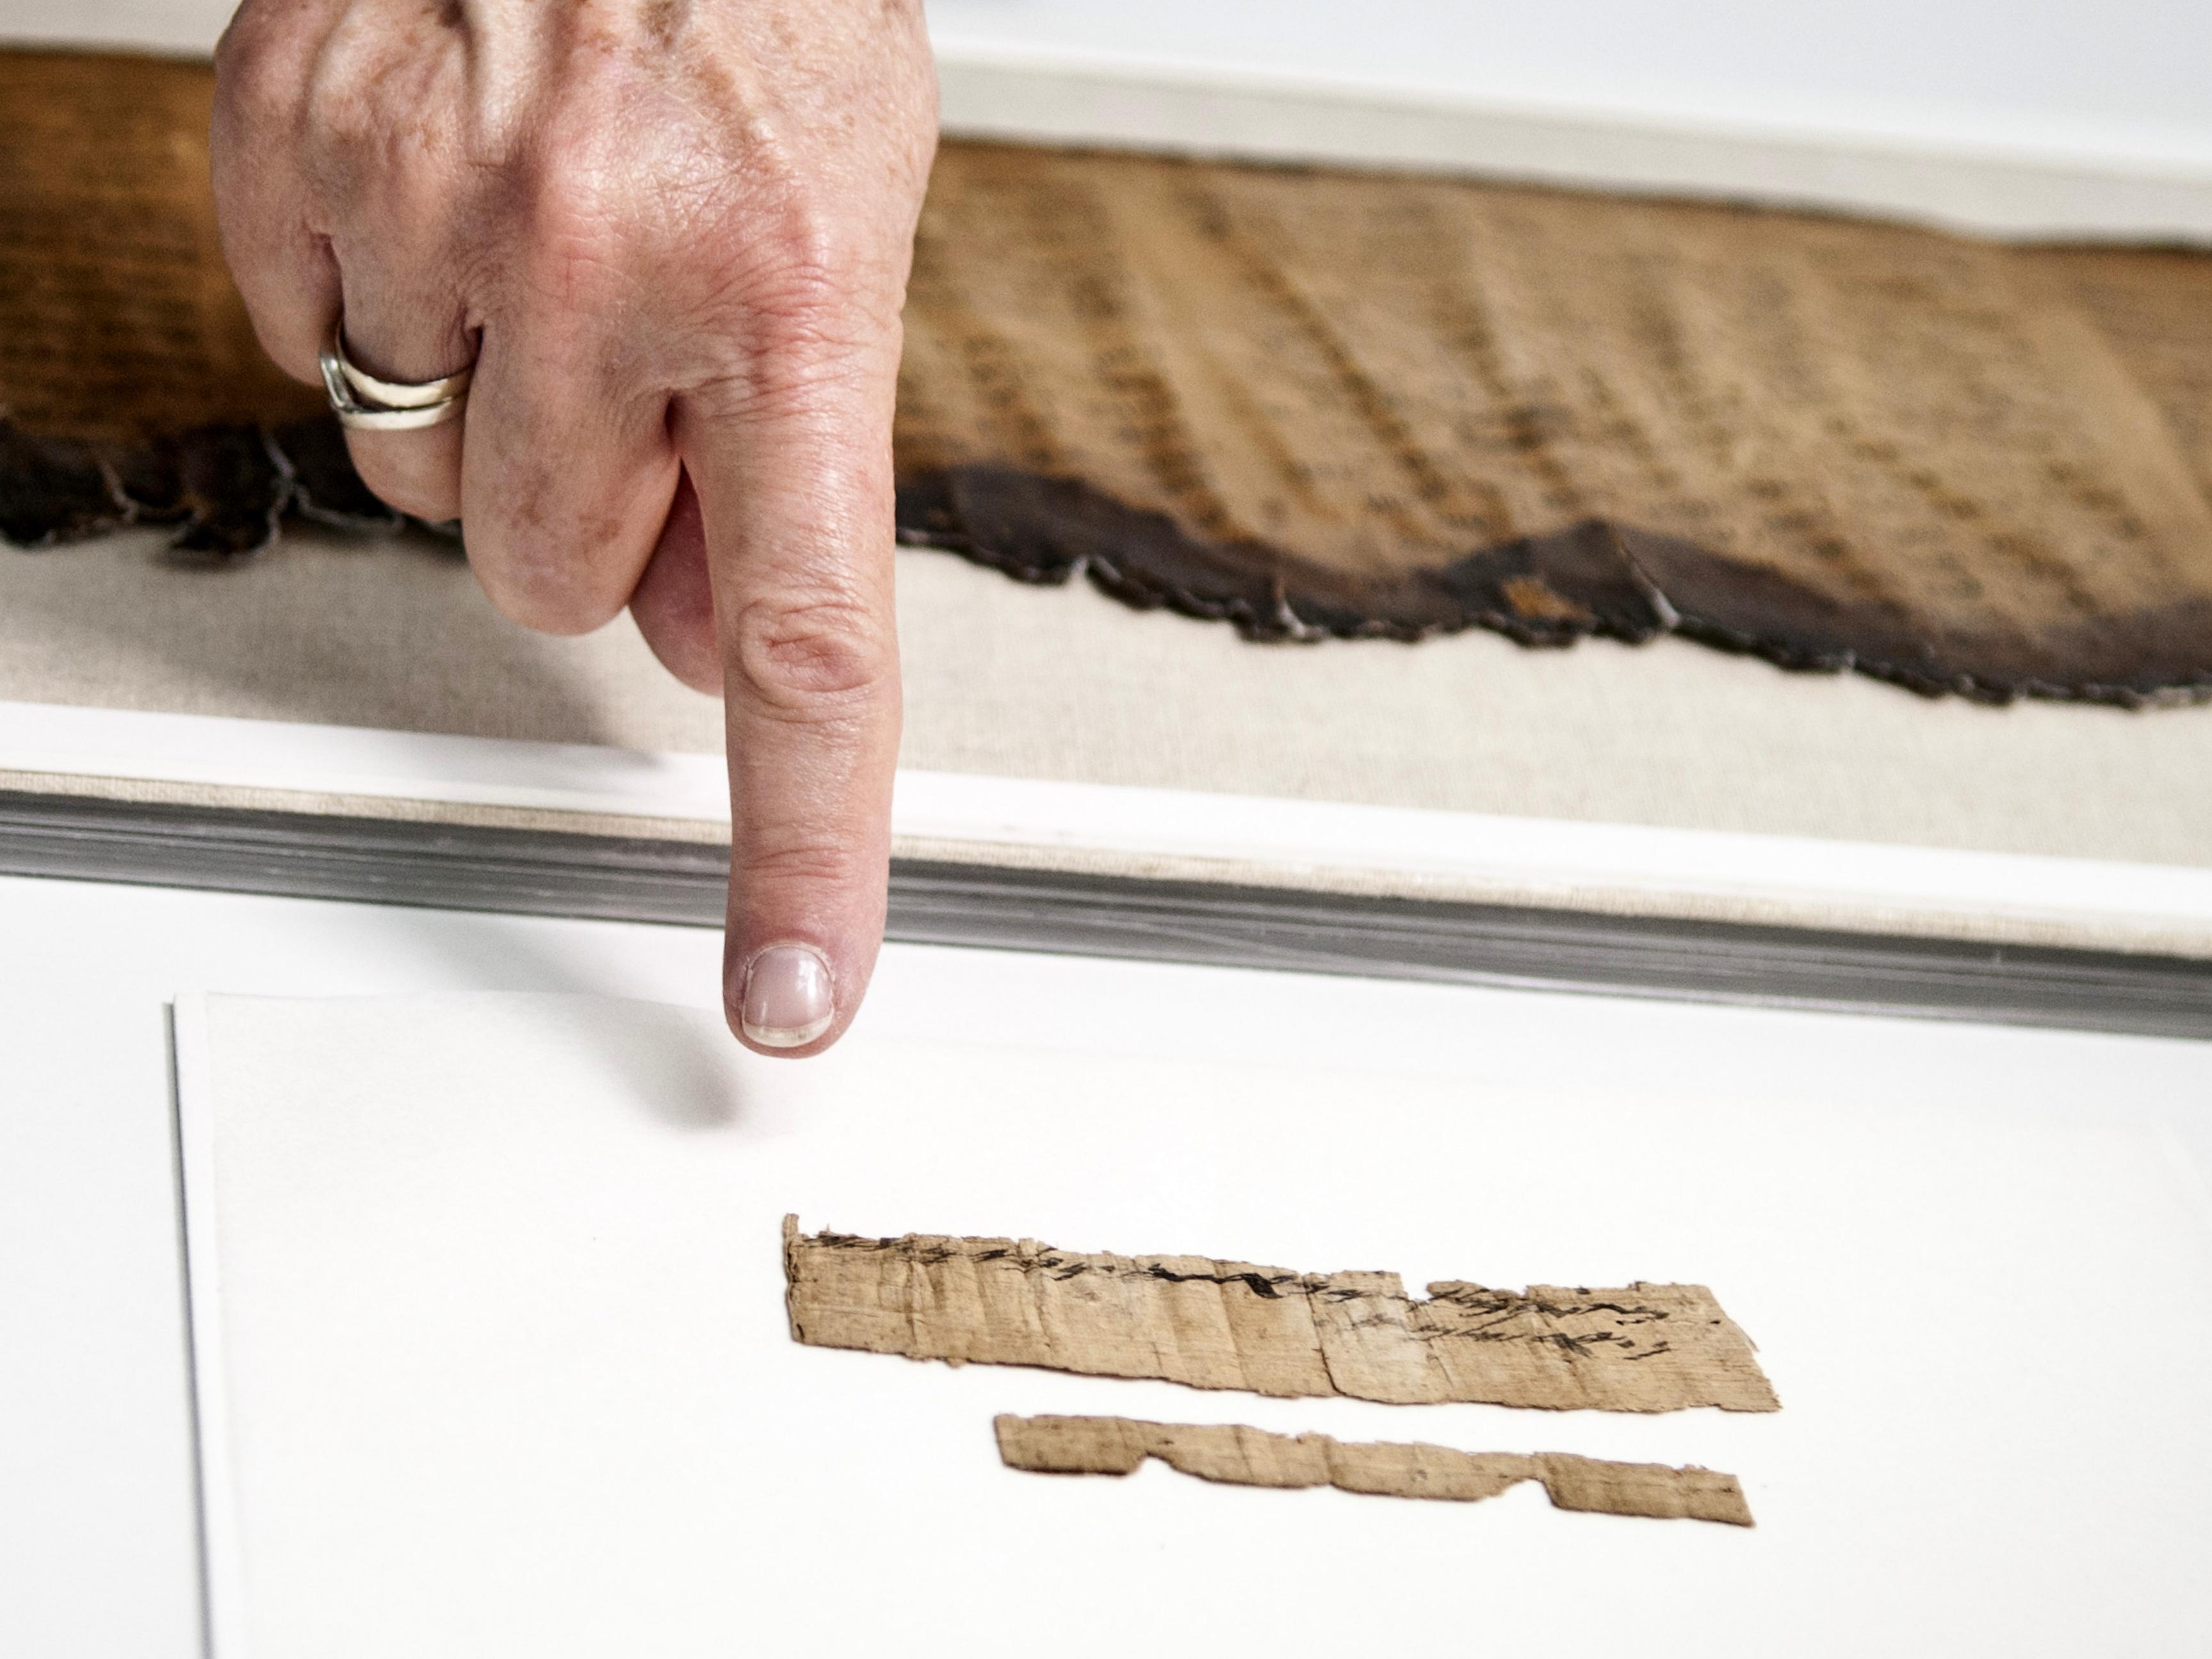 התעודה שמורה במעבדות שימור מגילות מדבר יהודה של רשות העתיקות. צילום: שי הלוי,